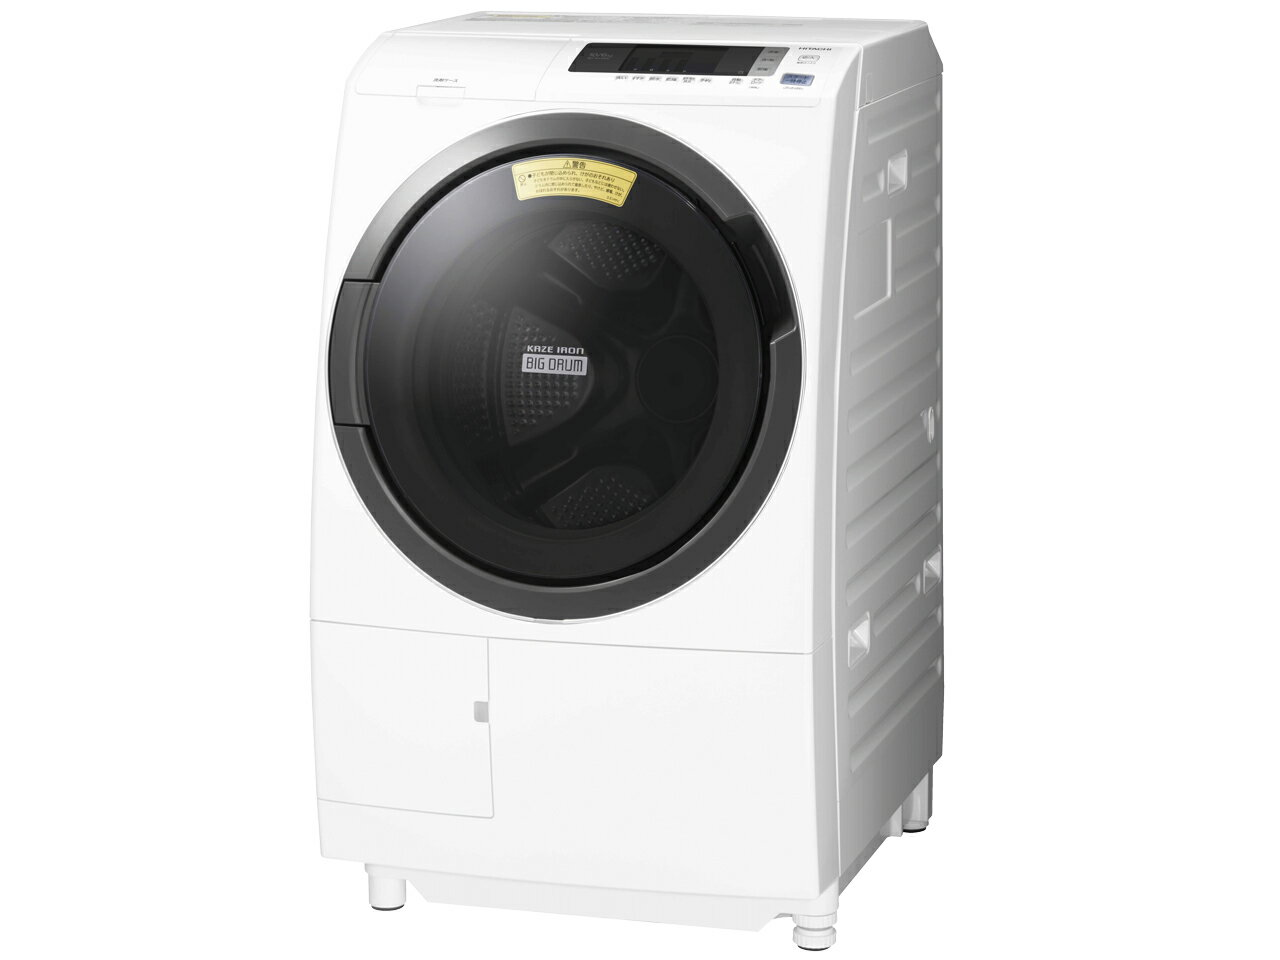 日立 10.0kg ドラム式洗濯乾燥機 BD-SG100CL-W【左開き】